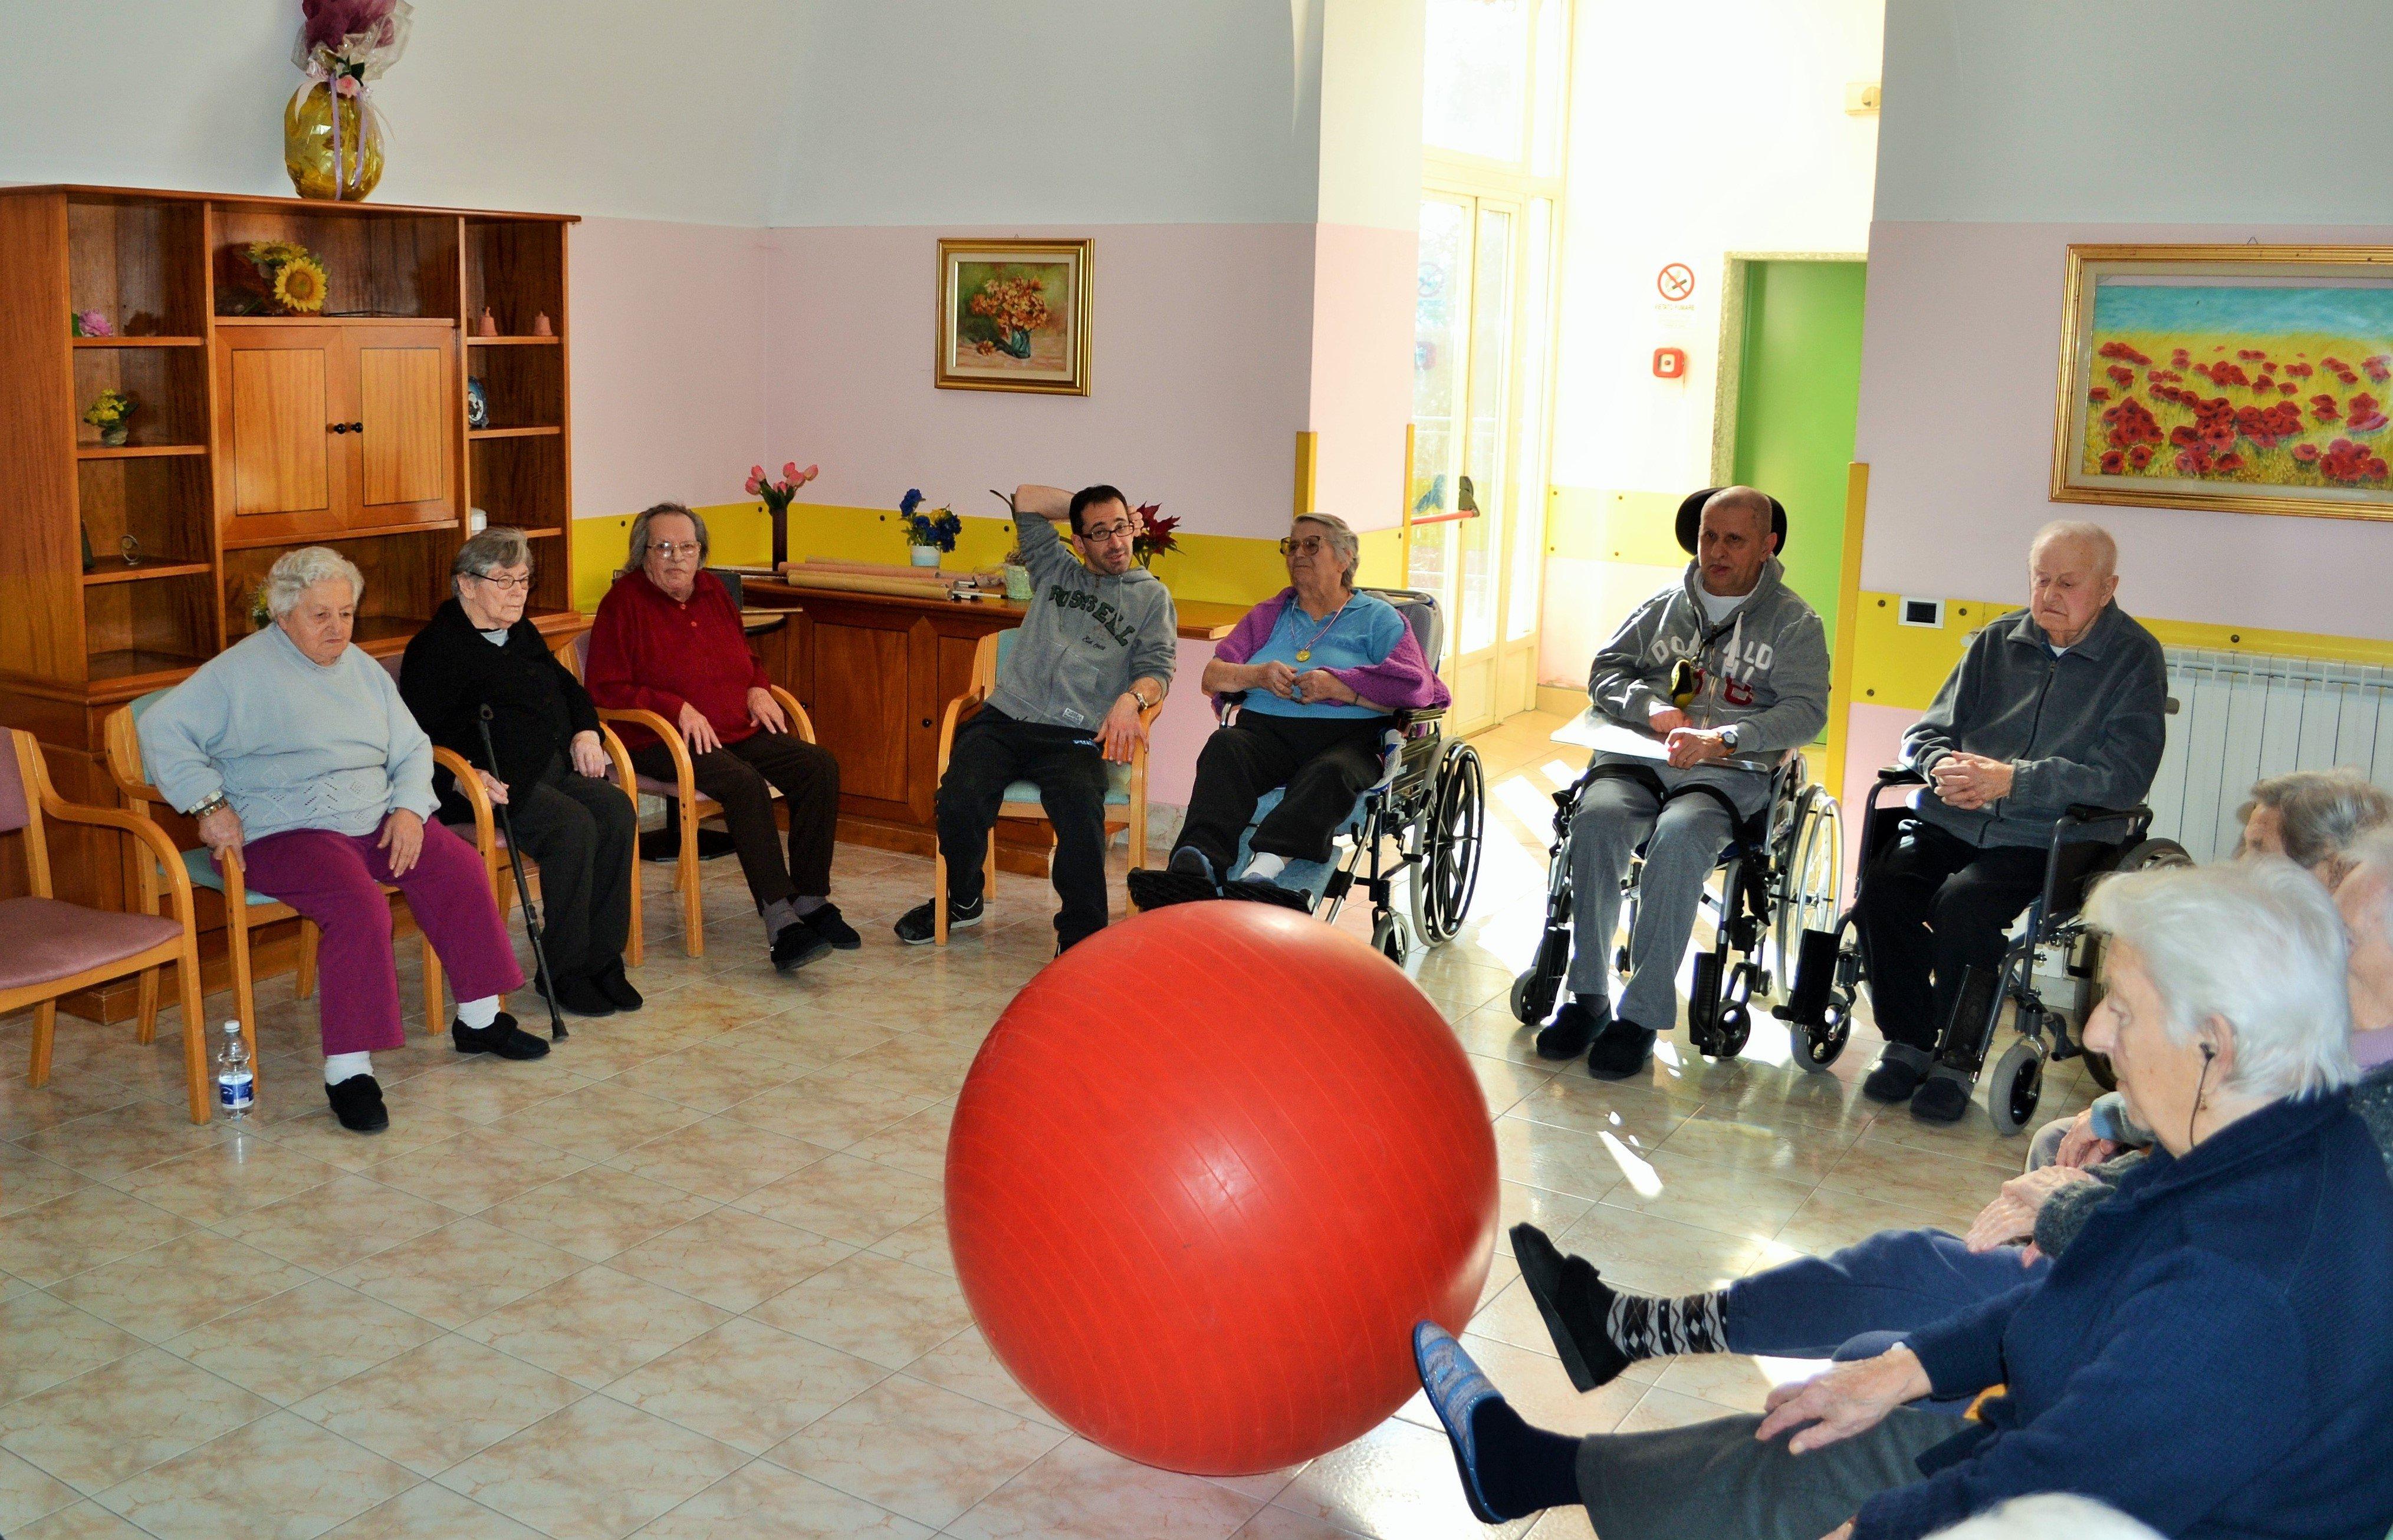 gruppo di anziani in cerchio con palla rossa al centro